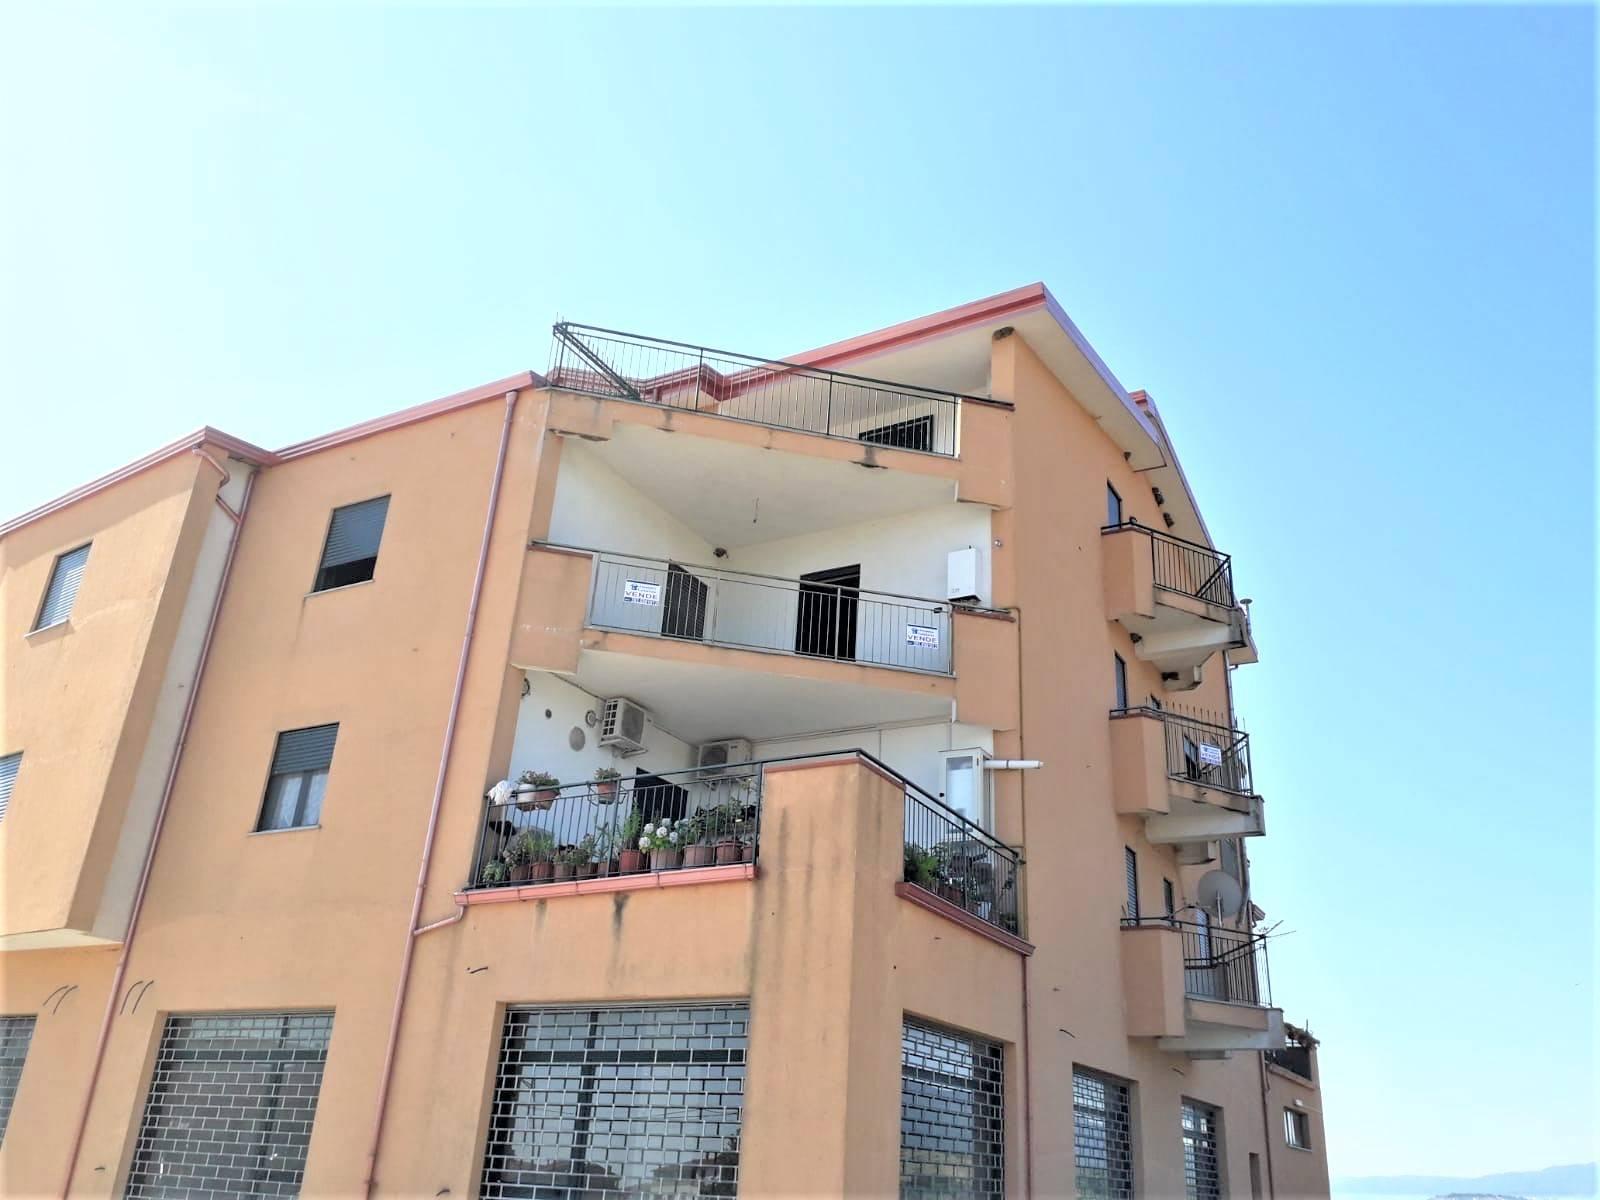 Appartamento in vendita a Torano Castello, 3 locali, zona Zona: Torano Scalo, prezzo € 60.000 | CambioCasa.it